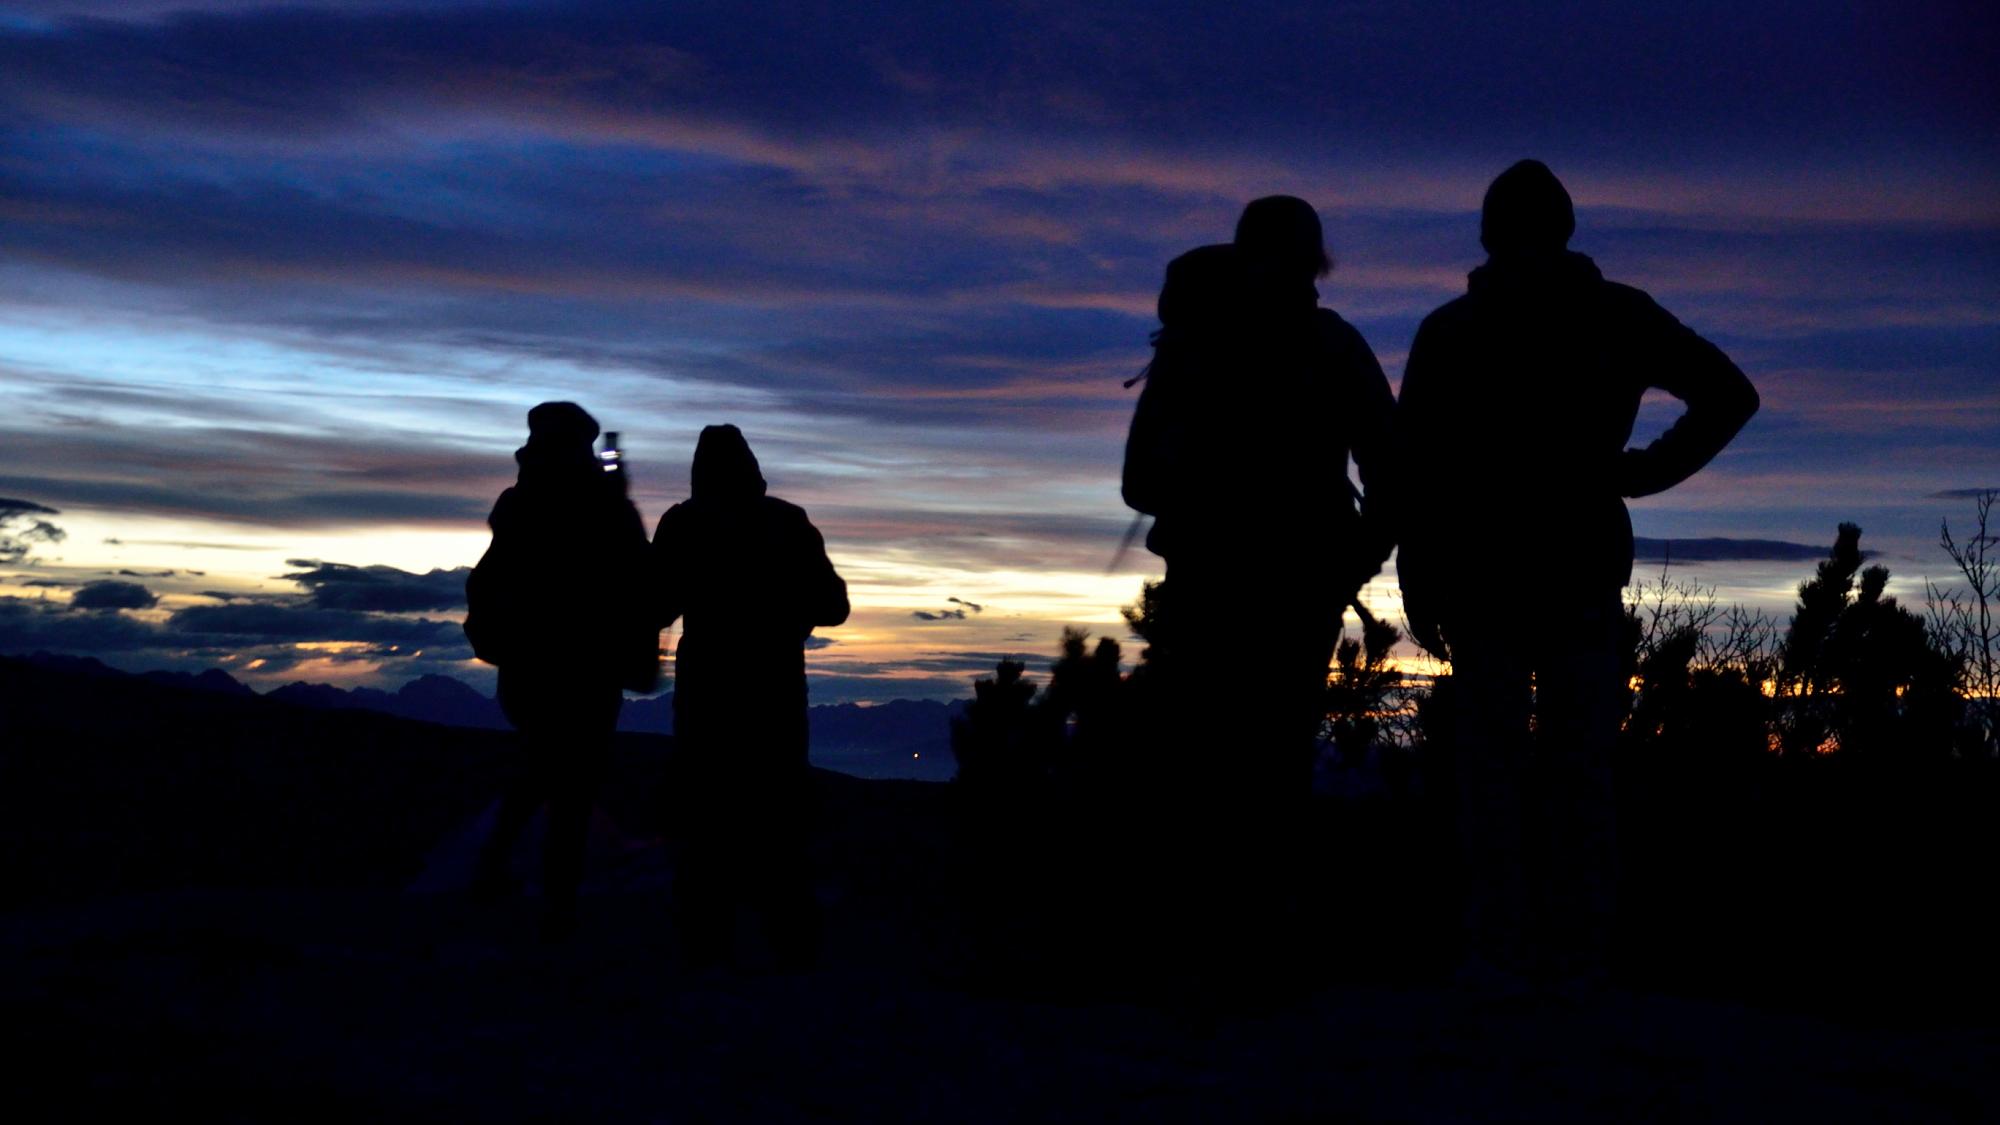 Capodanno in montagna: idee per salutare al meglio il nuovo anno